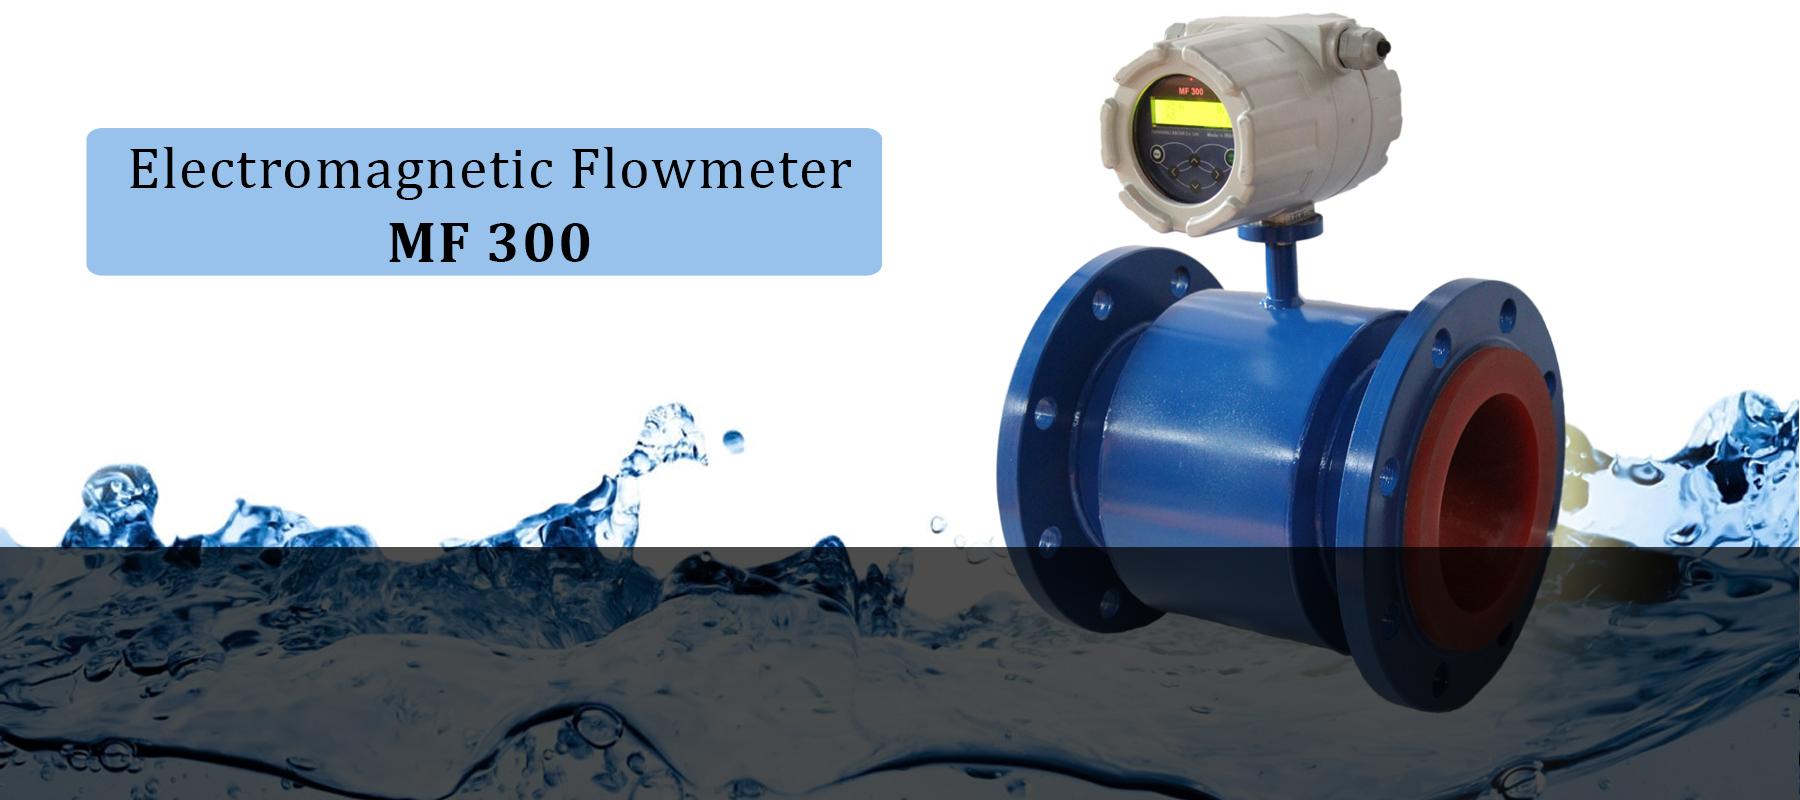 فلومتر الکترومغناطیسی MF300